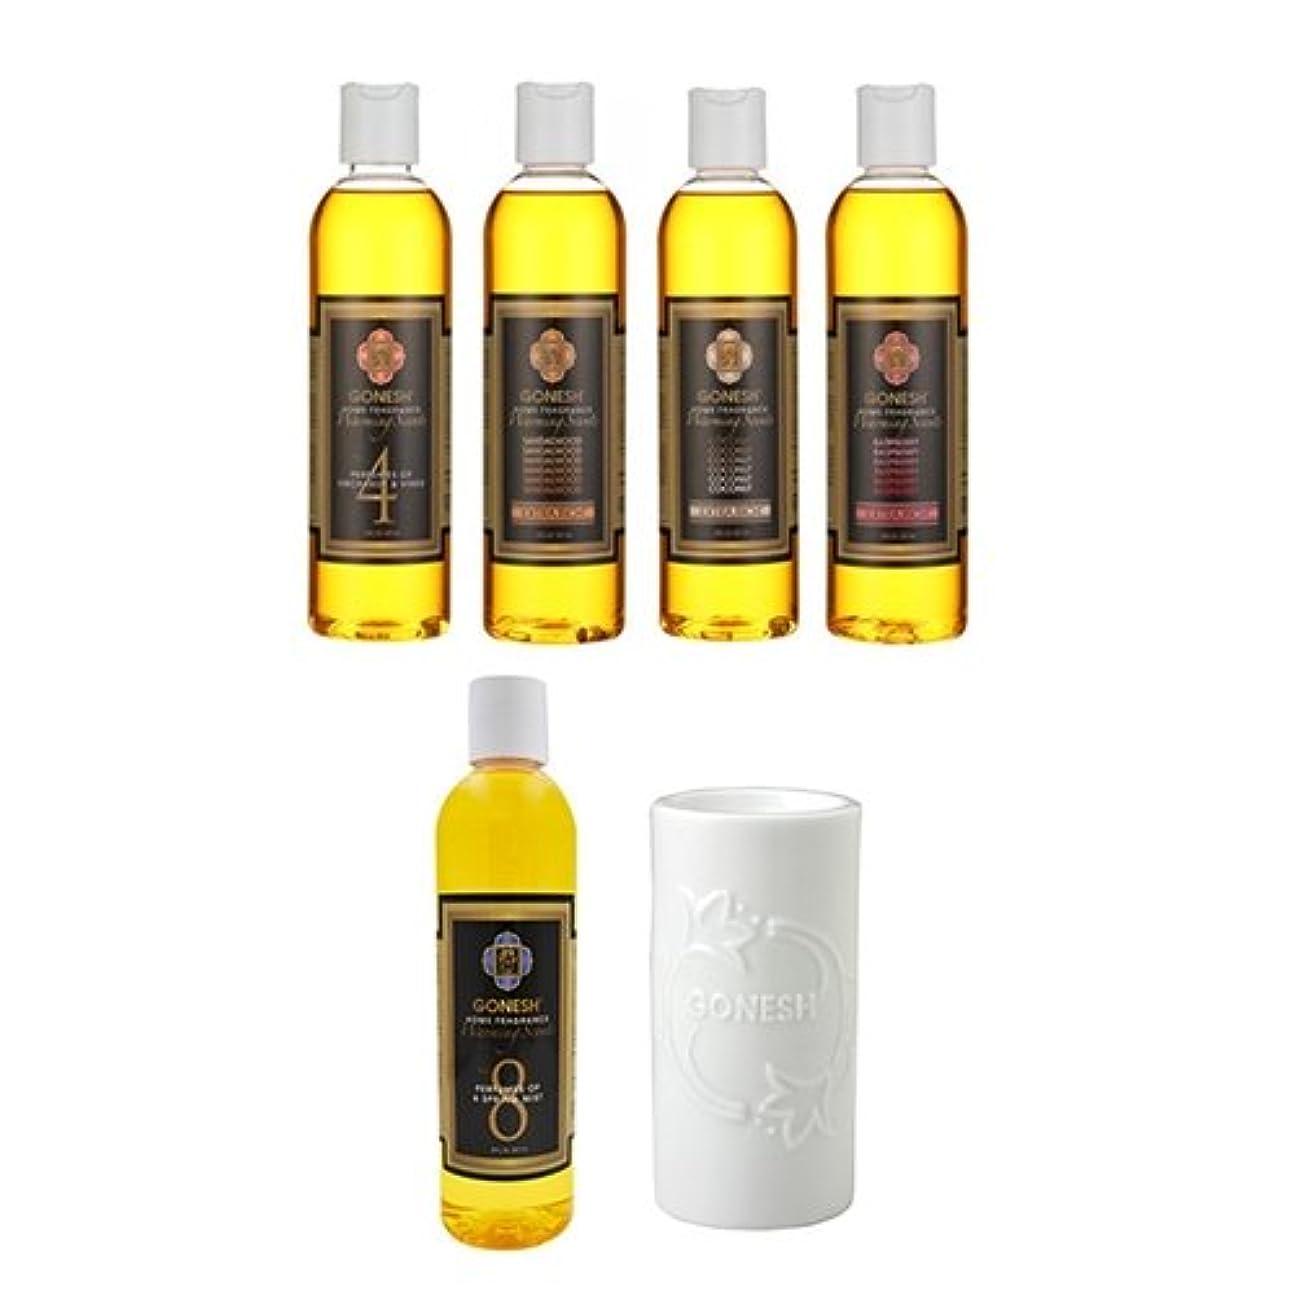 オセアニアキャンセルファセットガーネッシュ GONESH ウォーミングセント5つ(No.4、8、COCONUT、RASPBERRY、SANDALWOOD) の香りが楽しめるアロマバーナーセット 日本国内正規品